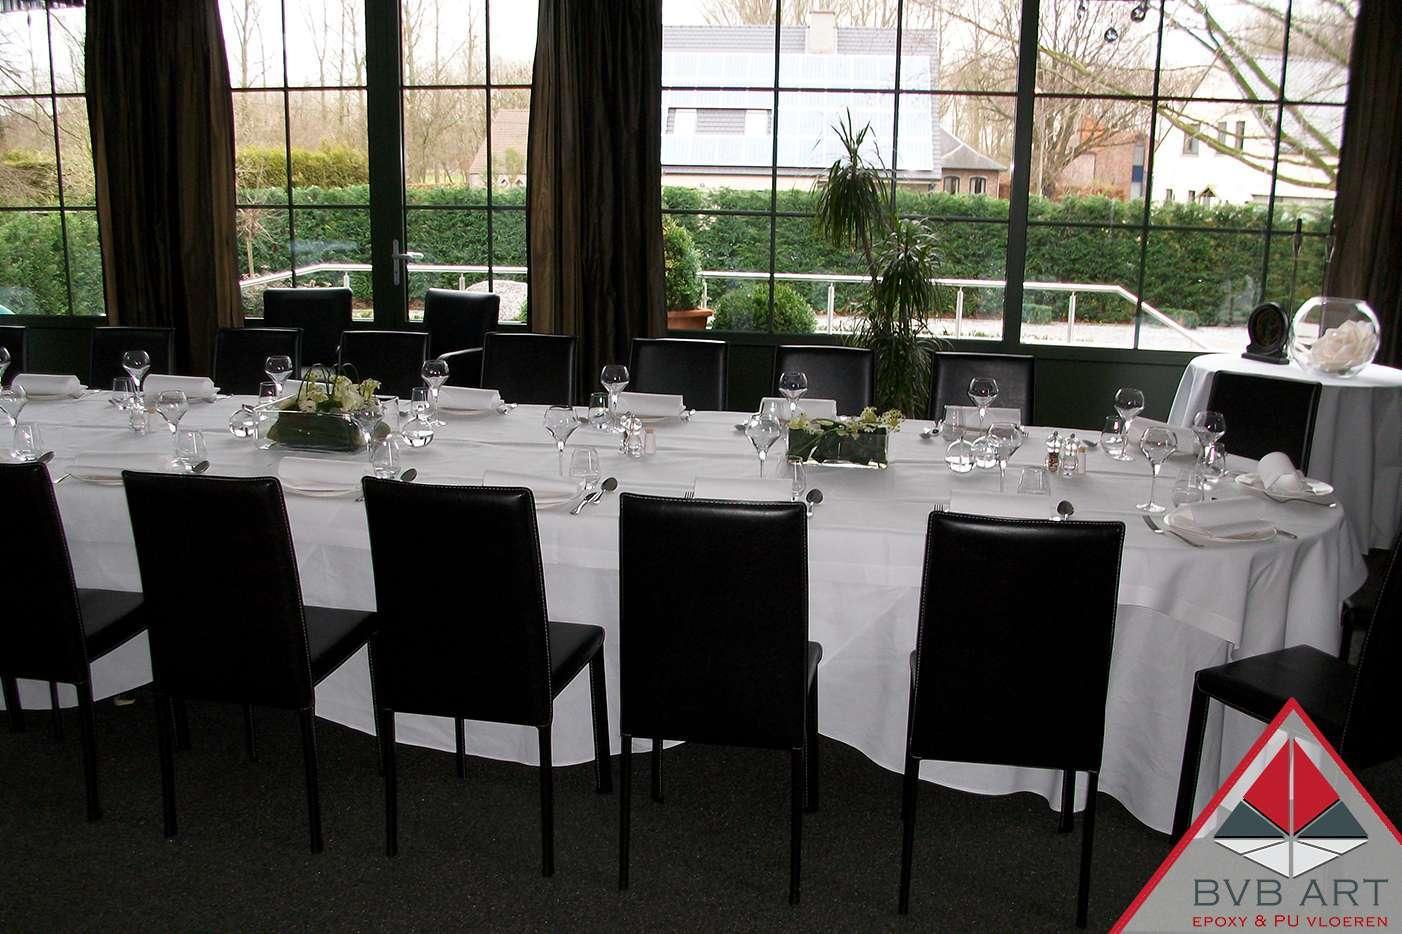 Grindvloer Steentapijt Restaurant